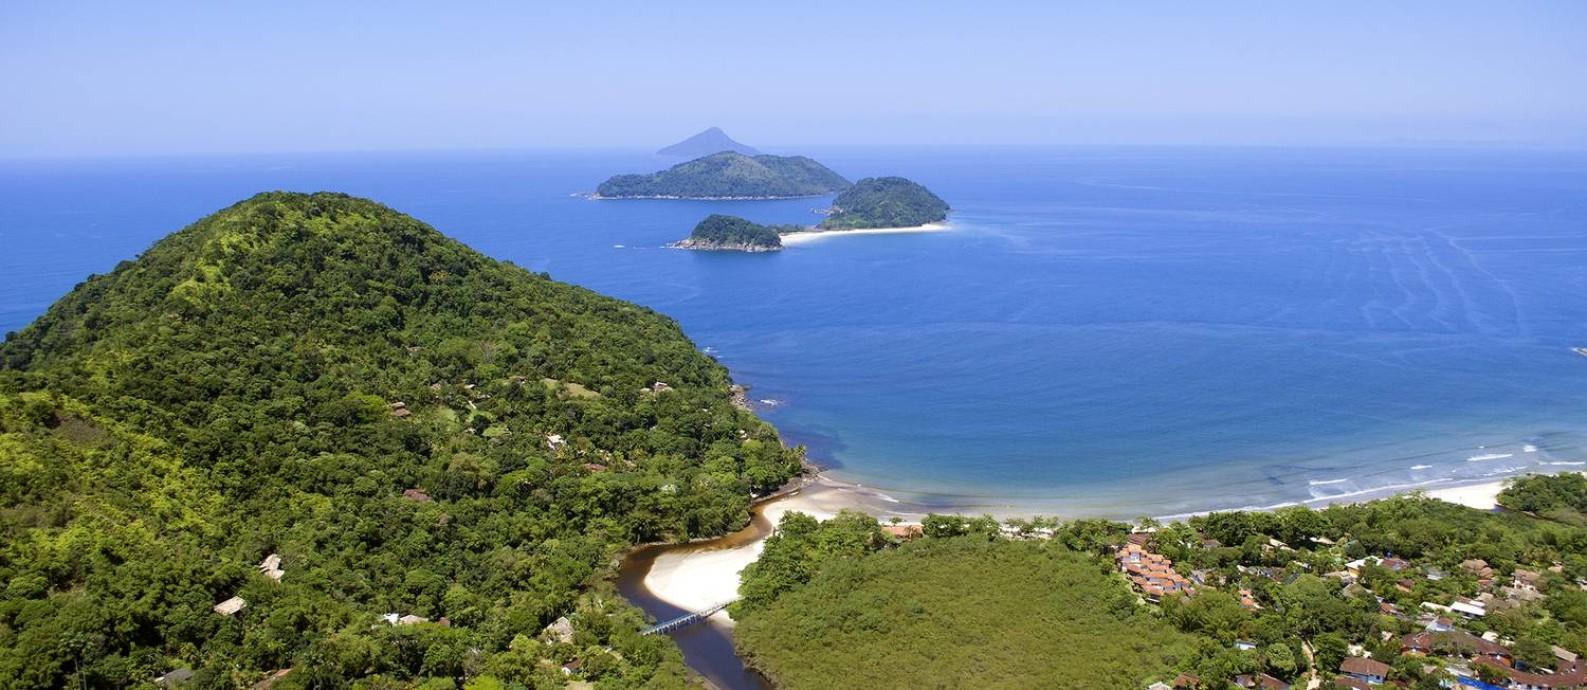 Litoral. Na ponta da praia da Barra do Sahy, a foz do rio encontra o mar Foto: Instituto Conservação Costeira/Divulgação